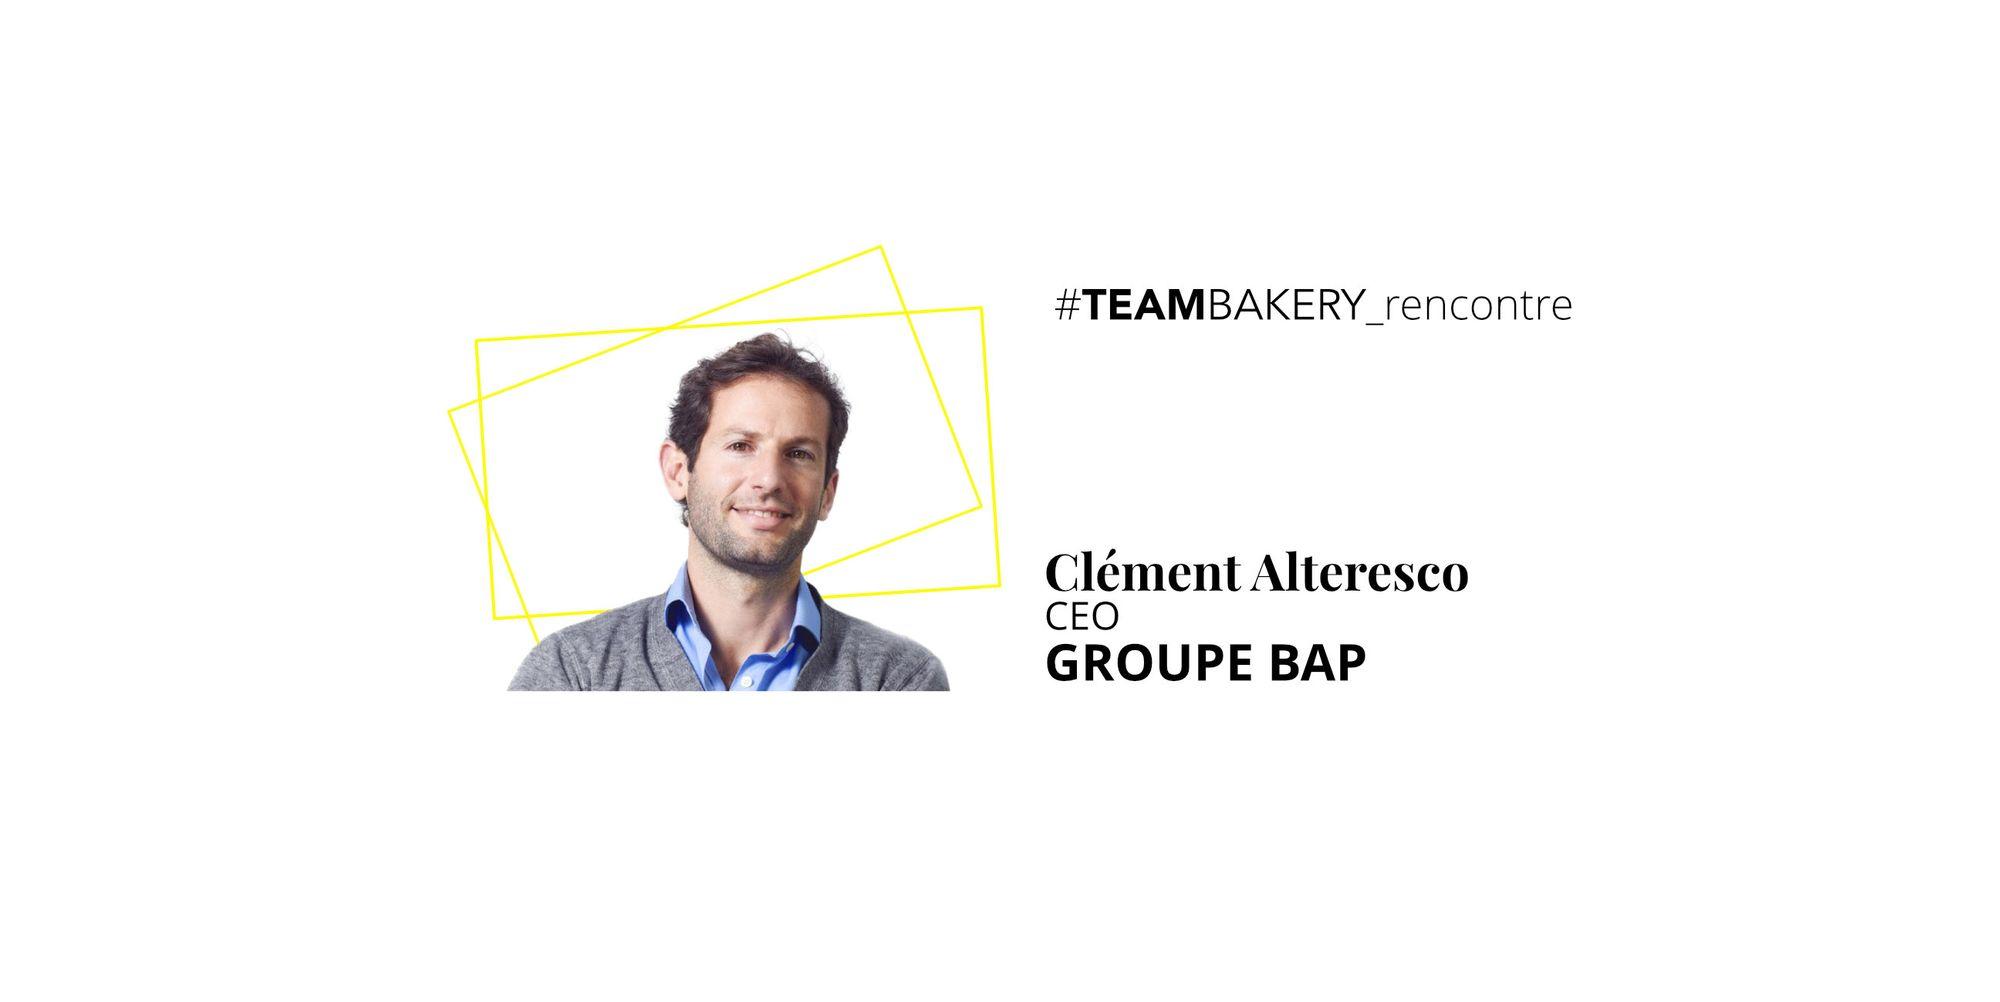 La cohésion d'équipe par Clément Alteresco, fondateur du groupe BAP